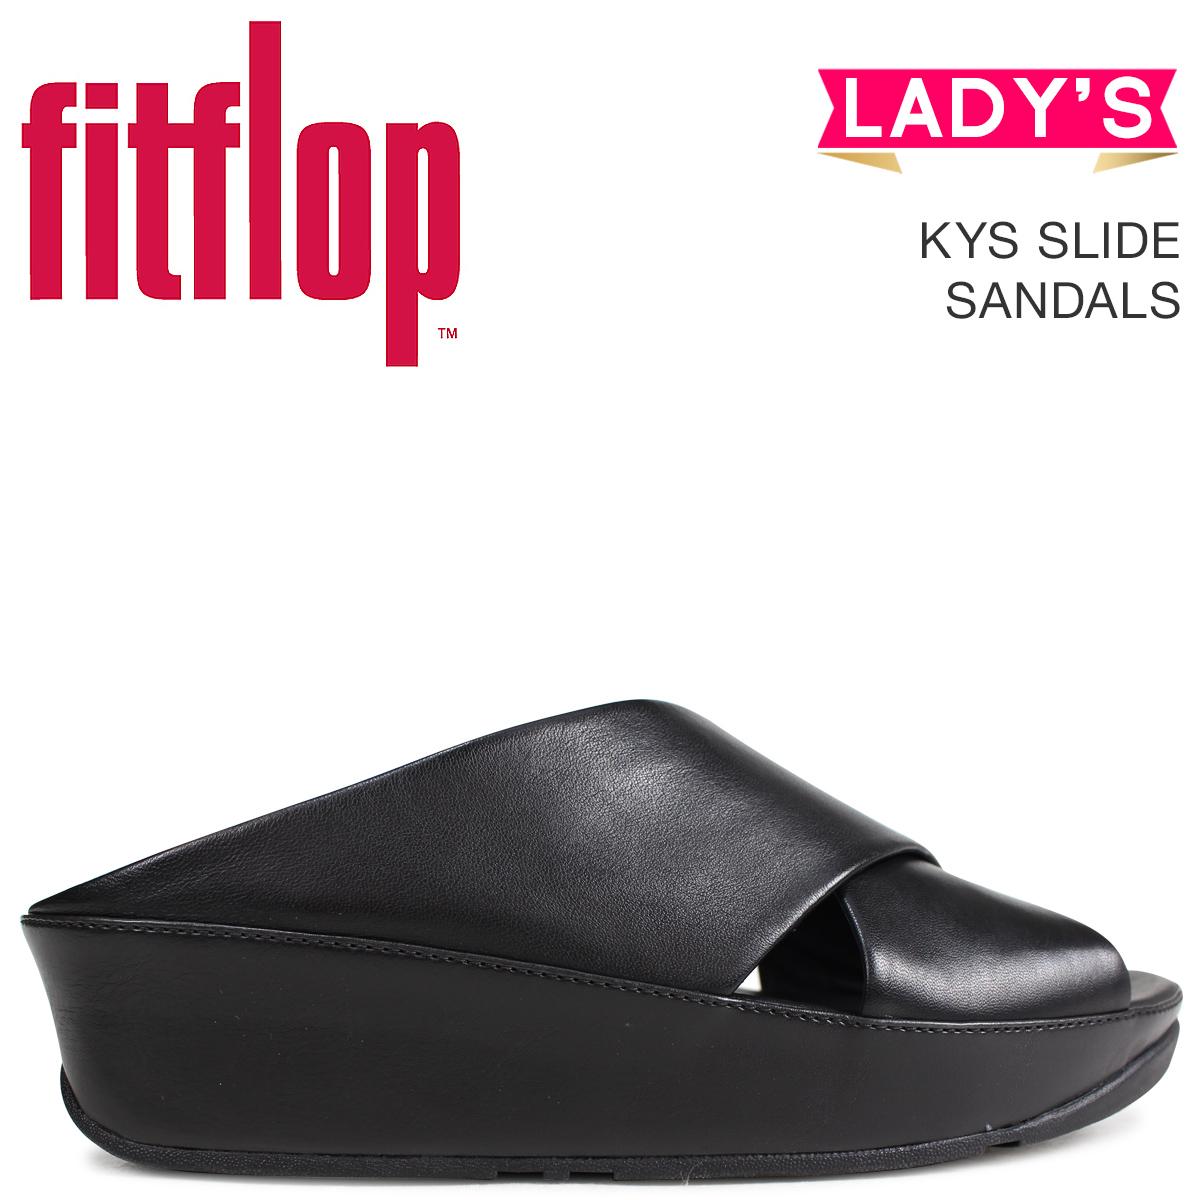 フィットフロップ サンダル FitFlop キーススライド KYS SLIDE SANDALS レディース E29 ブラック